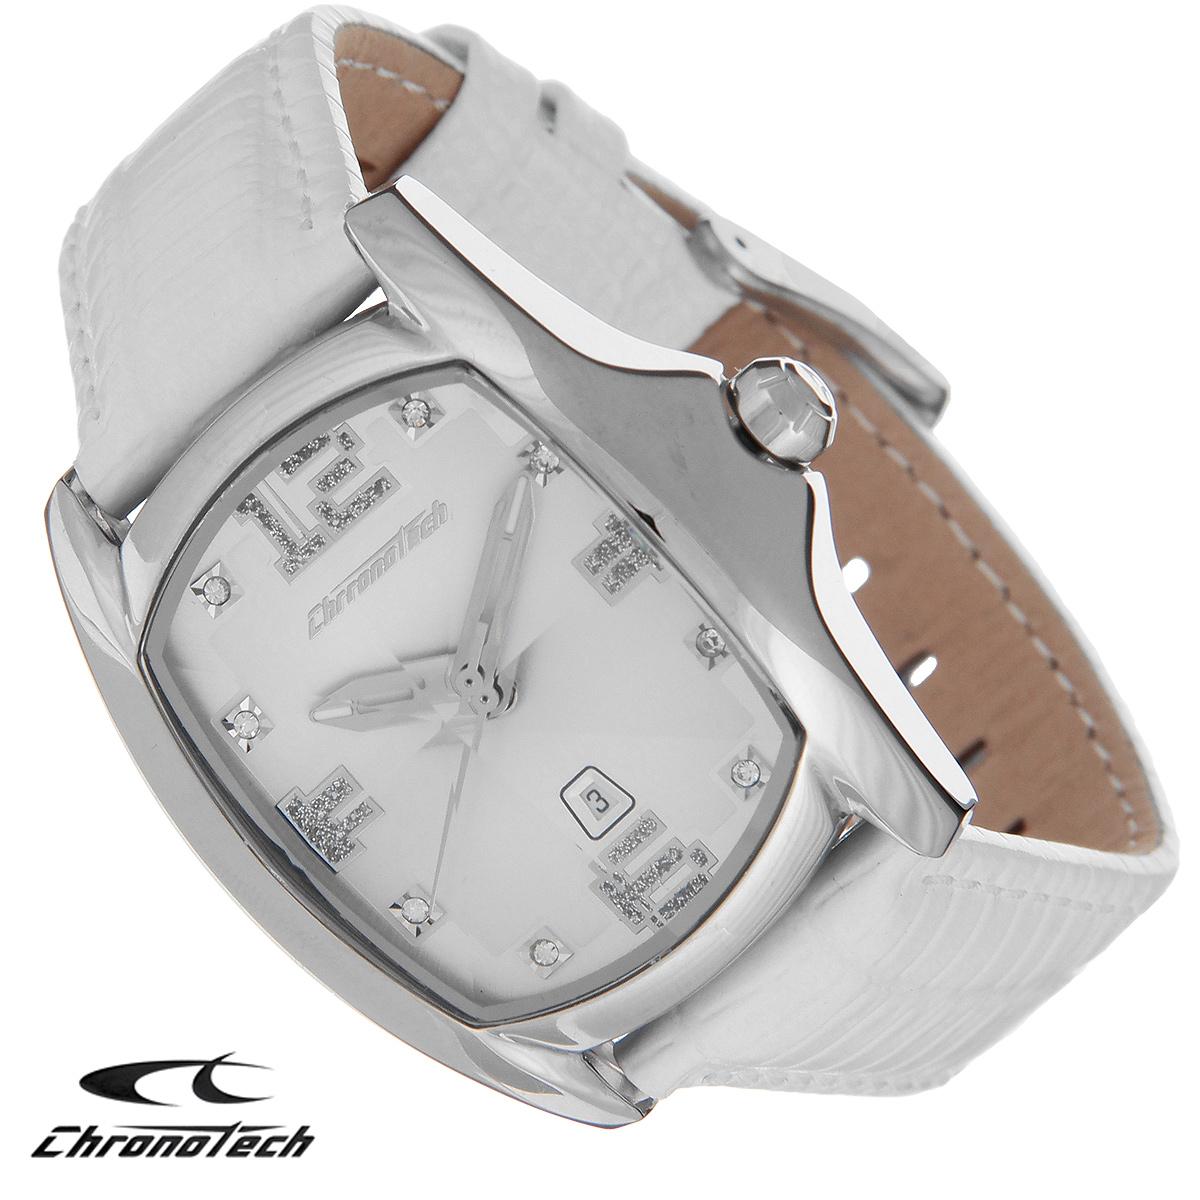 Часы женские наручные Chronotech, цвет: белый, серебристый. CT.7107ALS/80CT.7107ALS/80